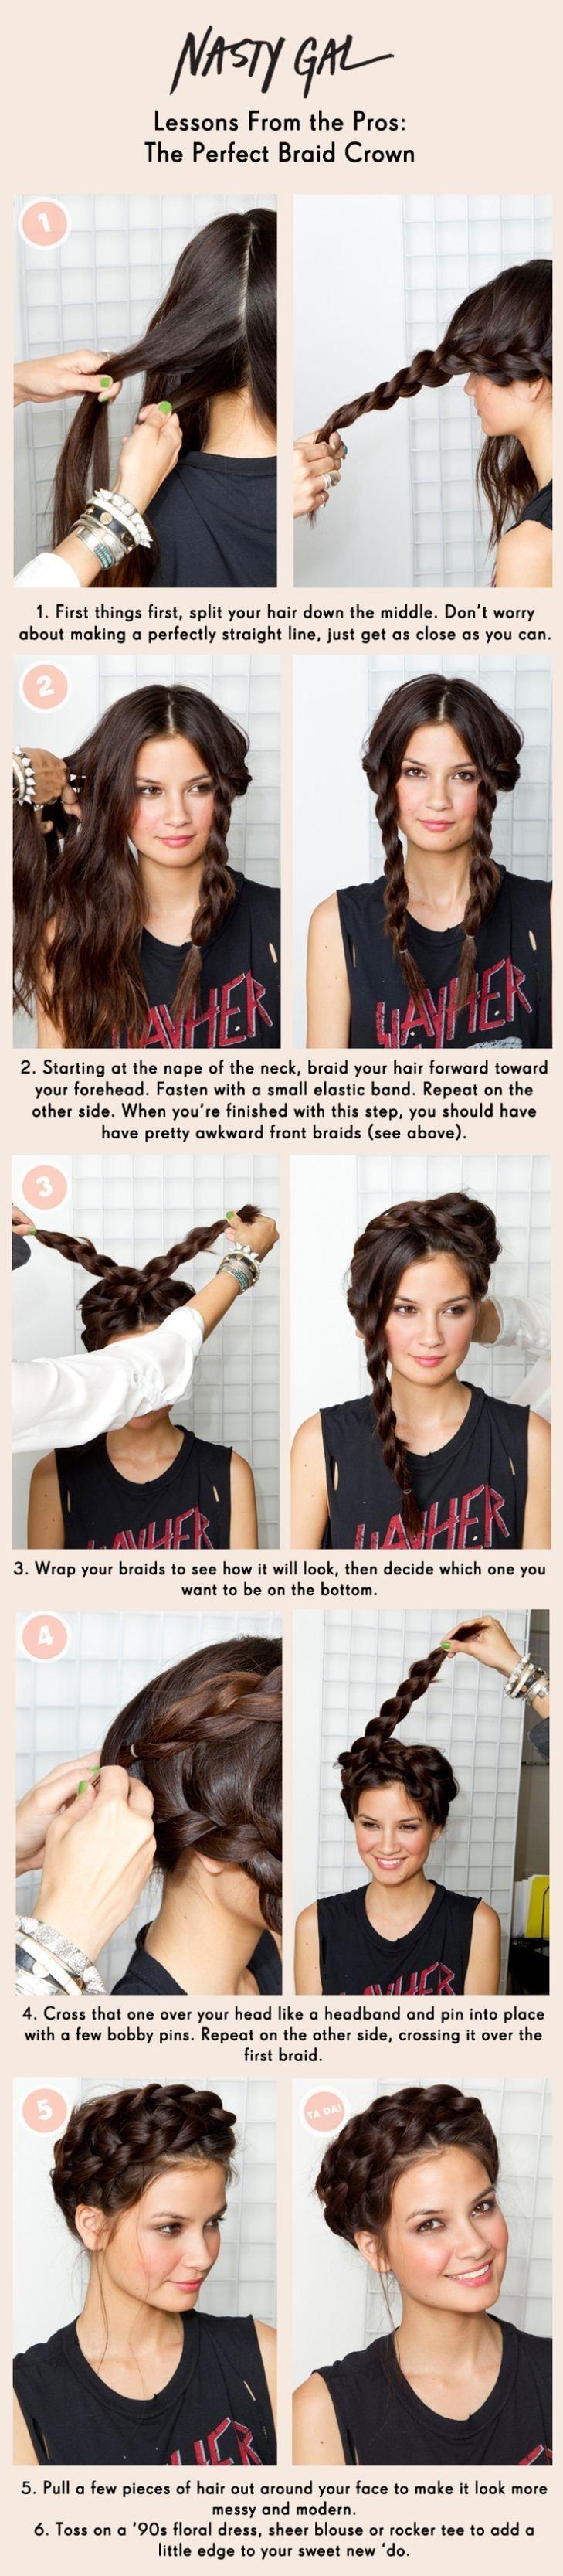 221 best Hair images on Pinterest